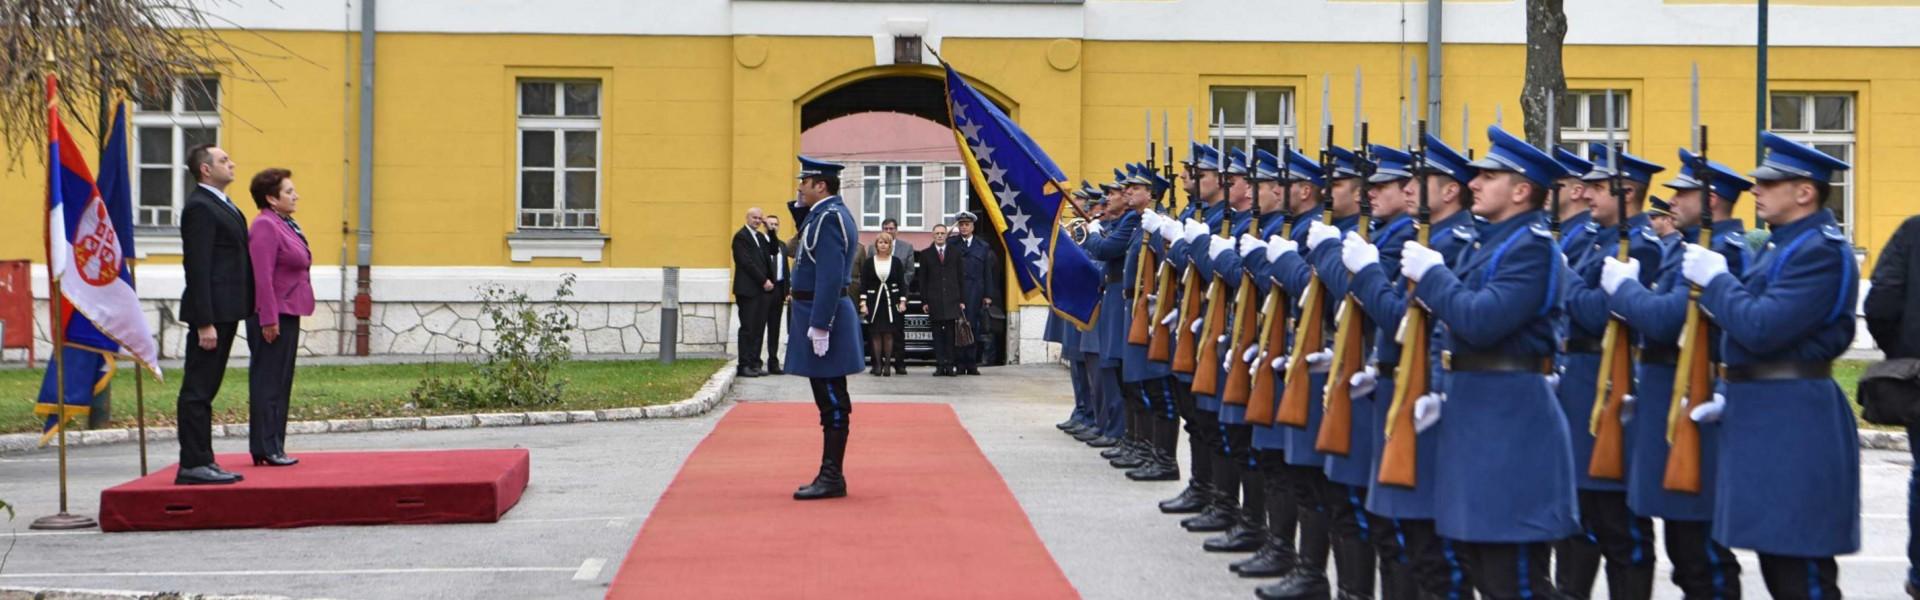 Боља сарадња основ за мир и стабилност  у региону